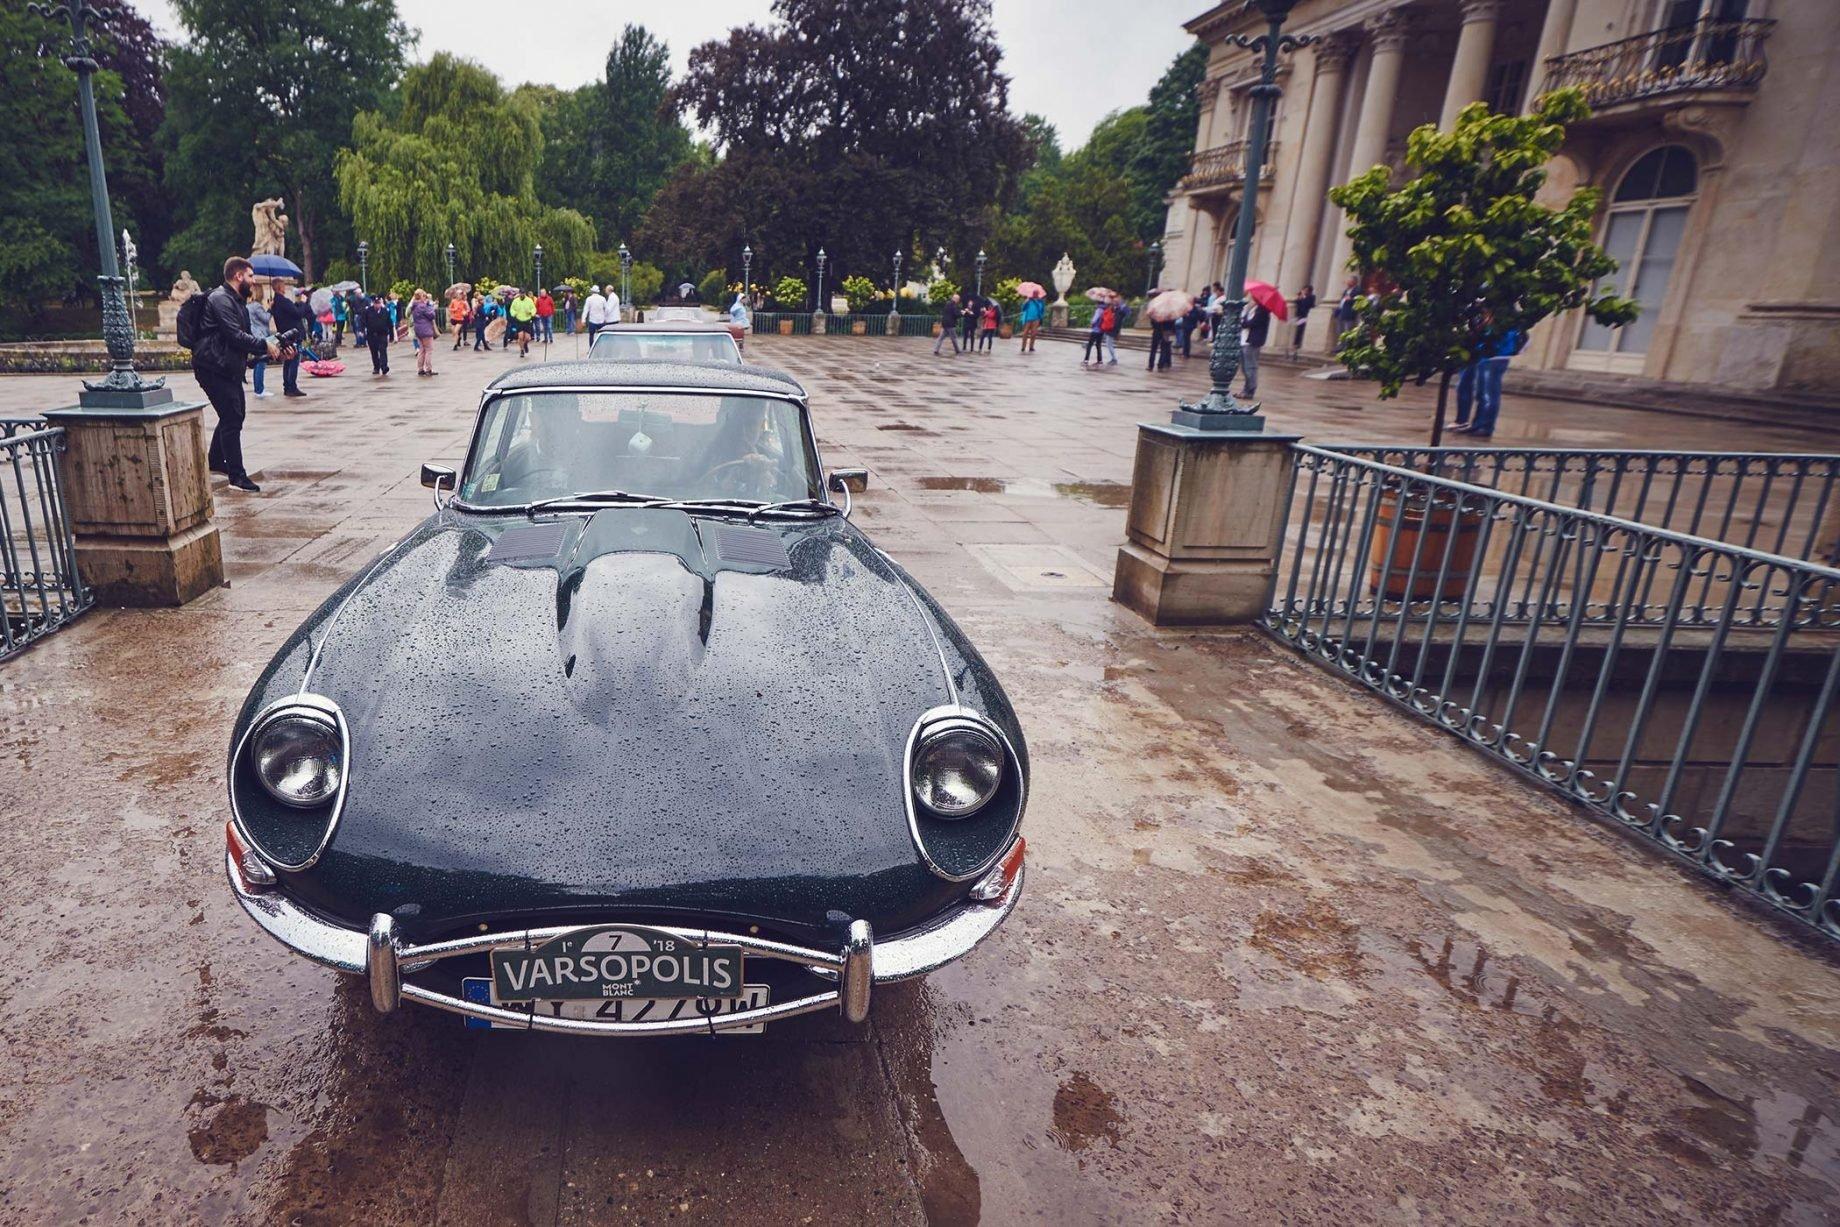 Varsopolis - Jaguar E-Type